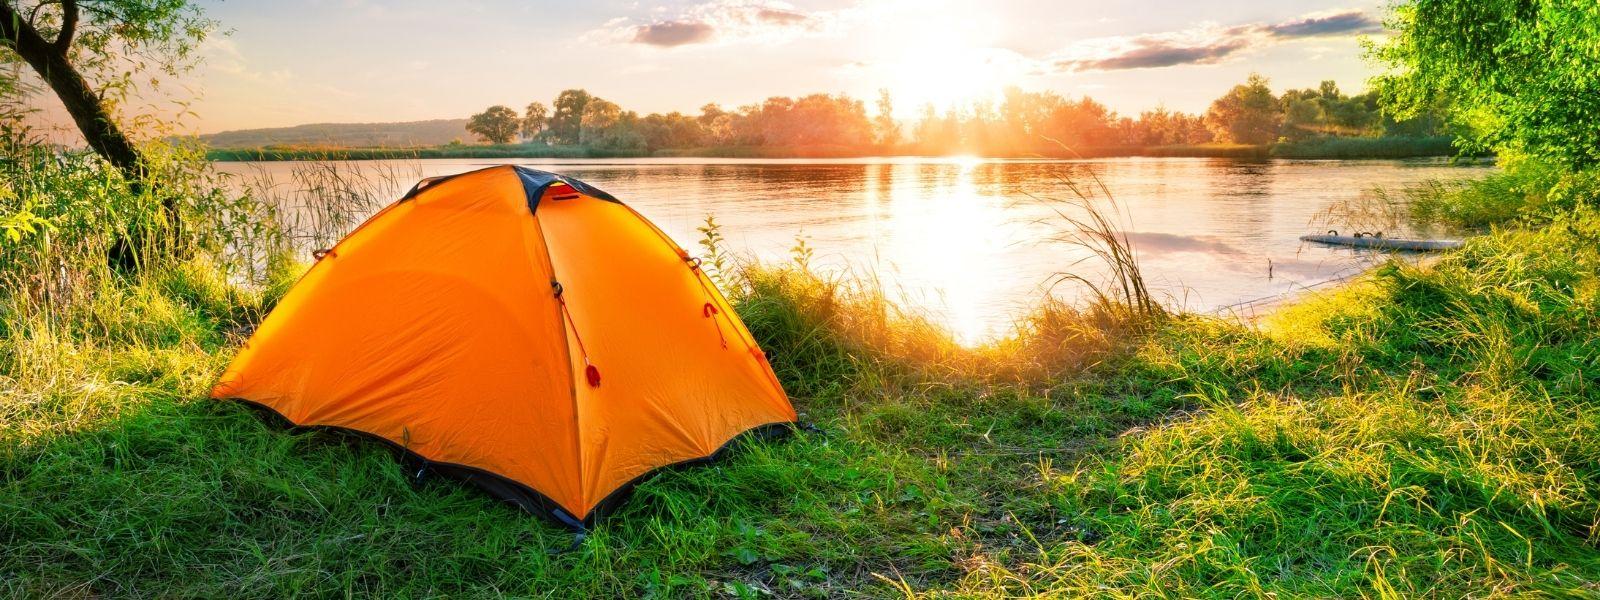 1 Personen Zelt